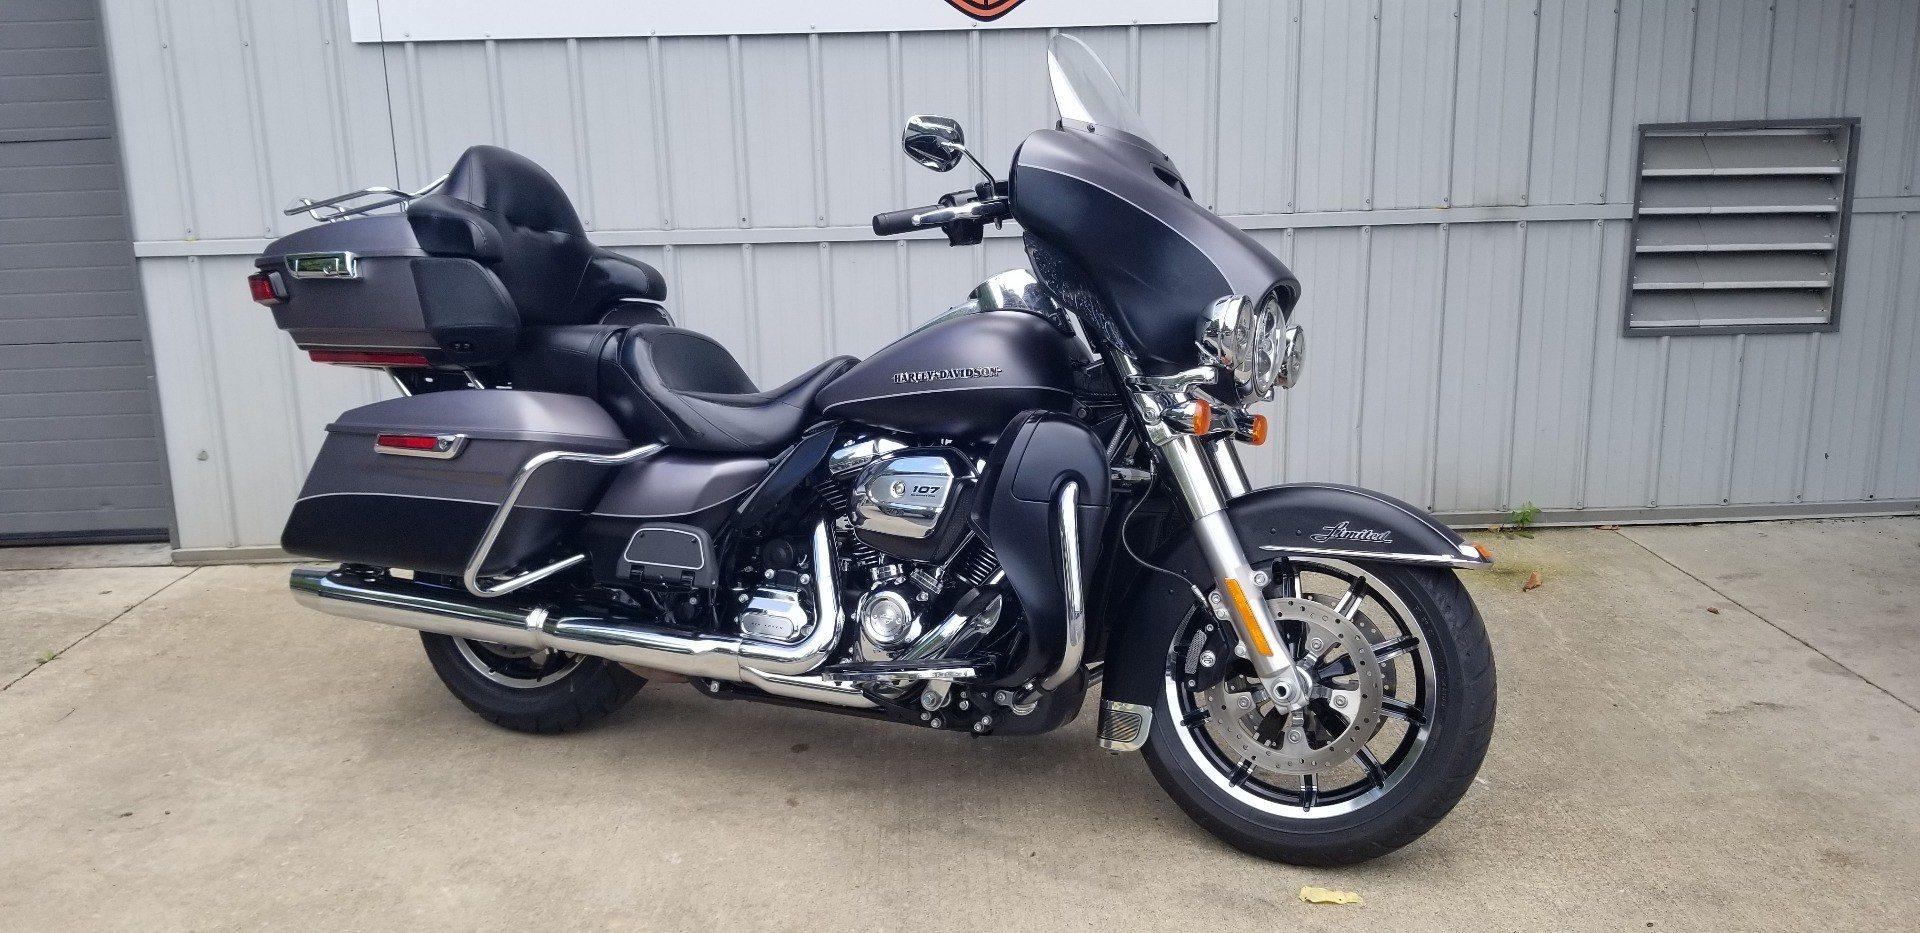 2017 Harley-Davidson Ultra Limited for sale 49215